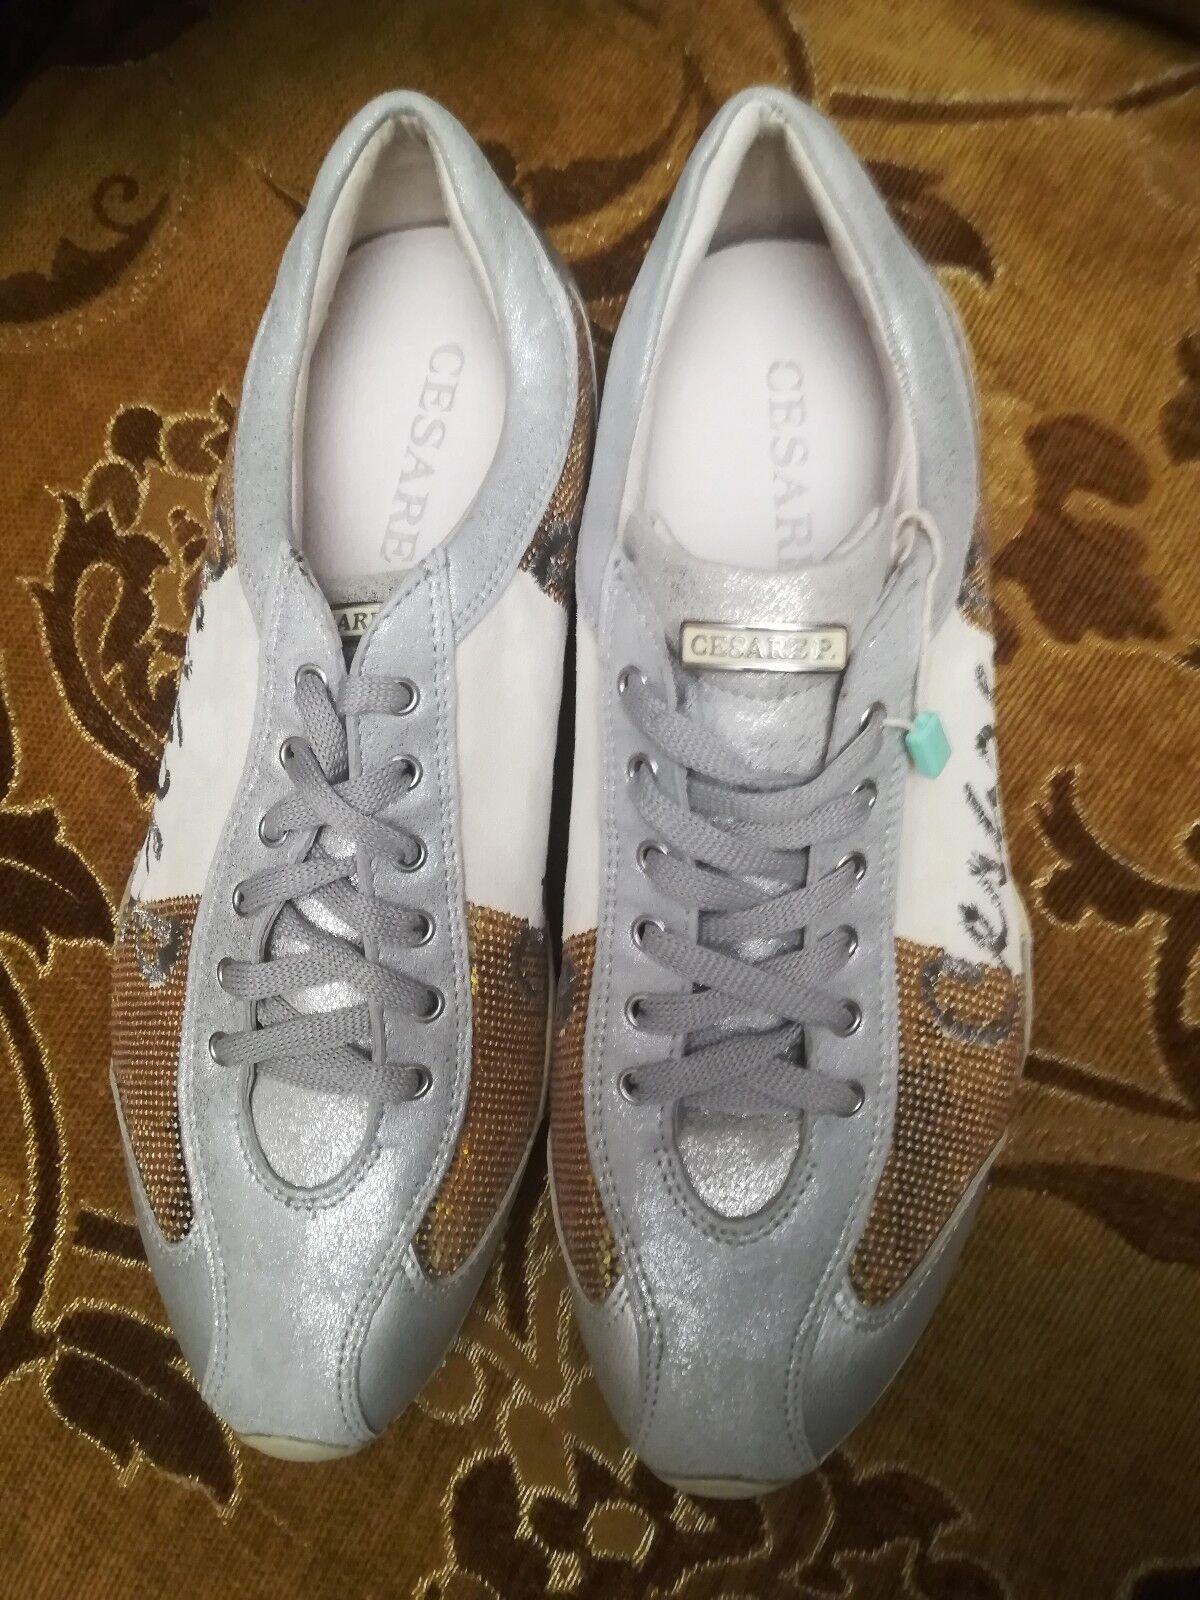 per il commercio all'ingrosso Scarpe cesare paciotti donna 38 38 38 Nuove scarpe da ginnastica basse 4US cesare sportive affare  la migliore selezione di